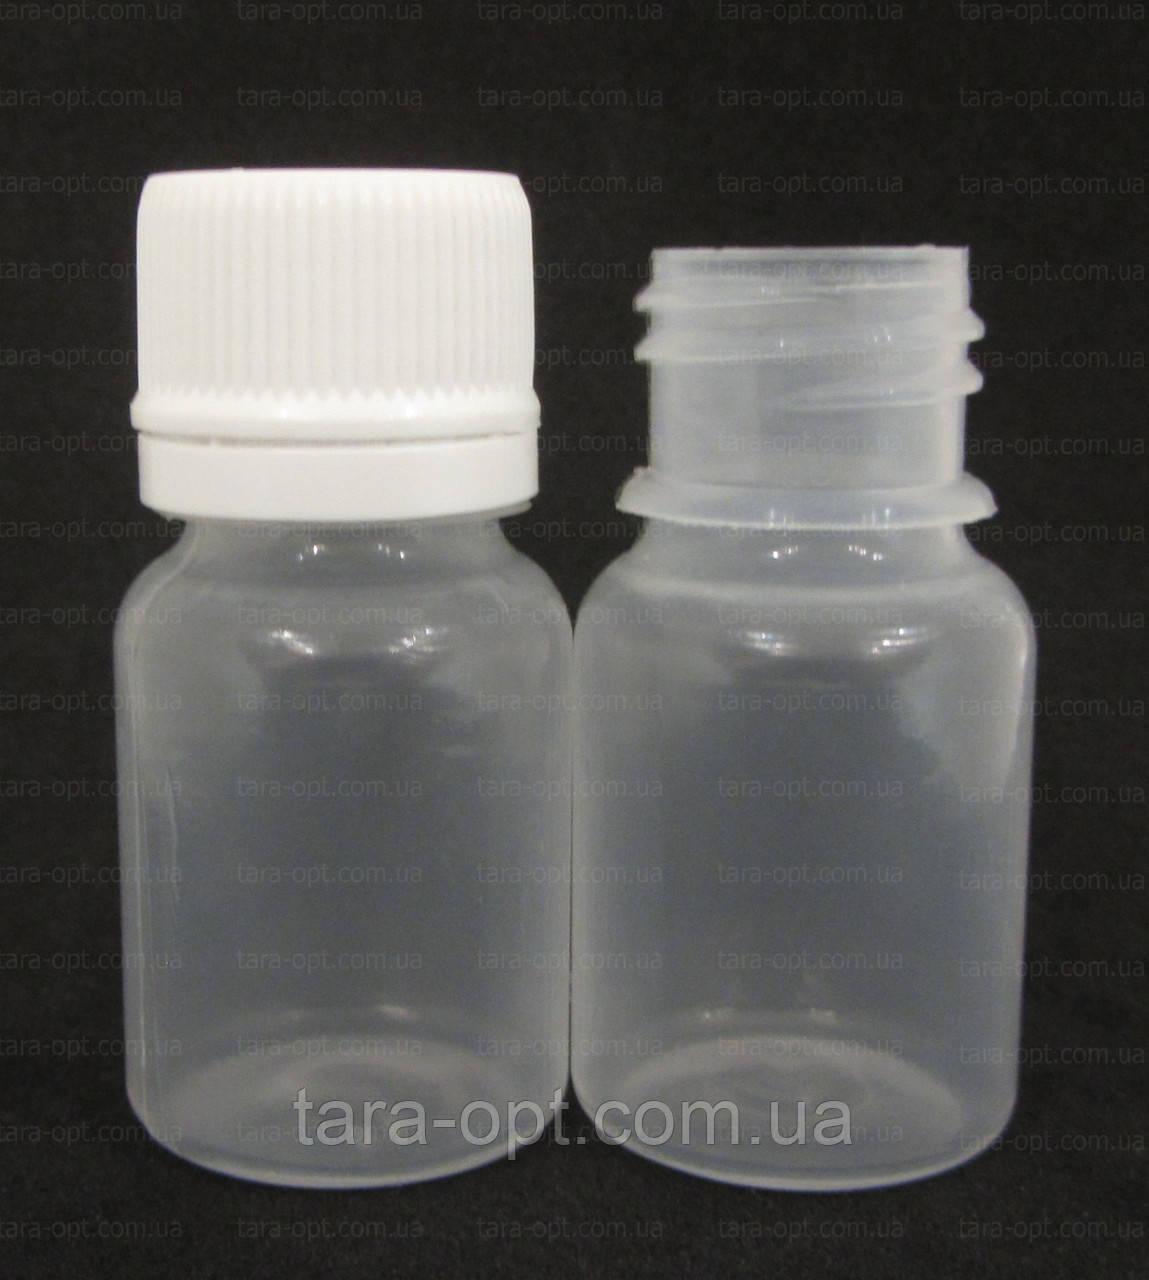 Оптом флаконы 20 мл, (Цена от 1,70 грн)*